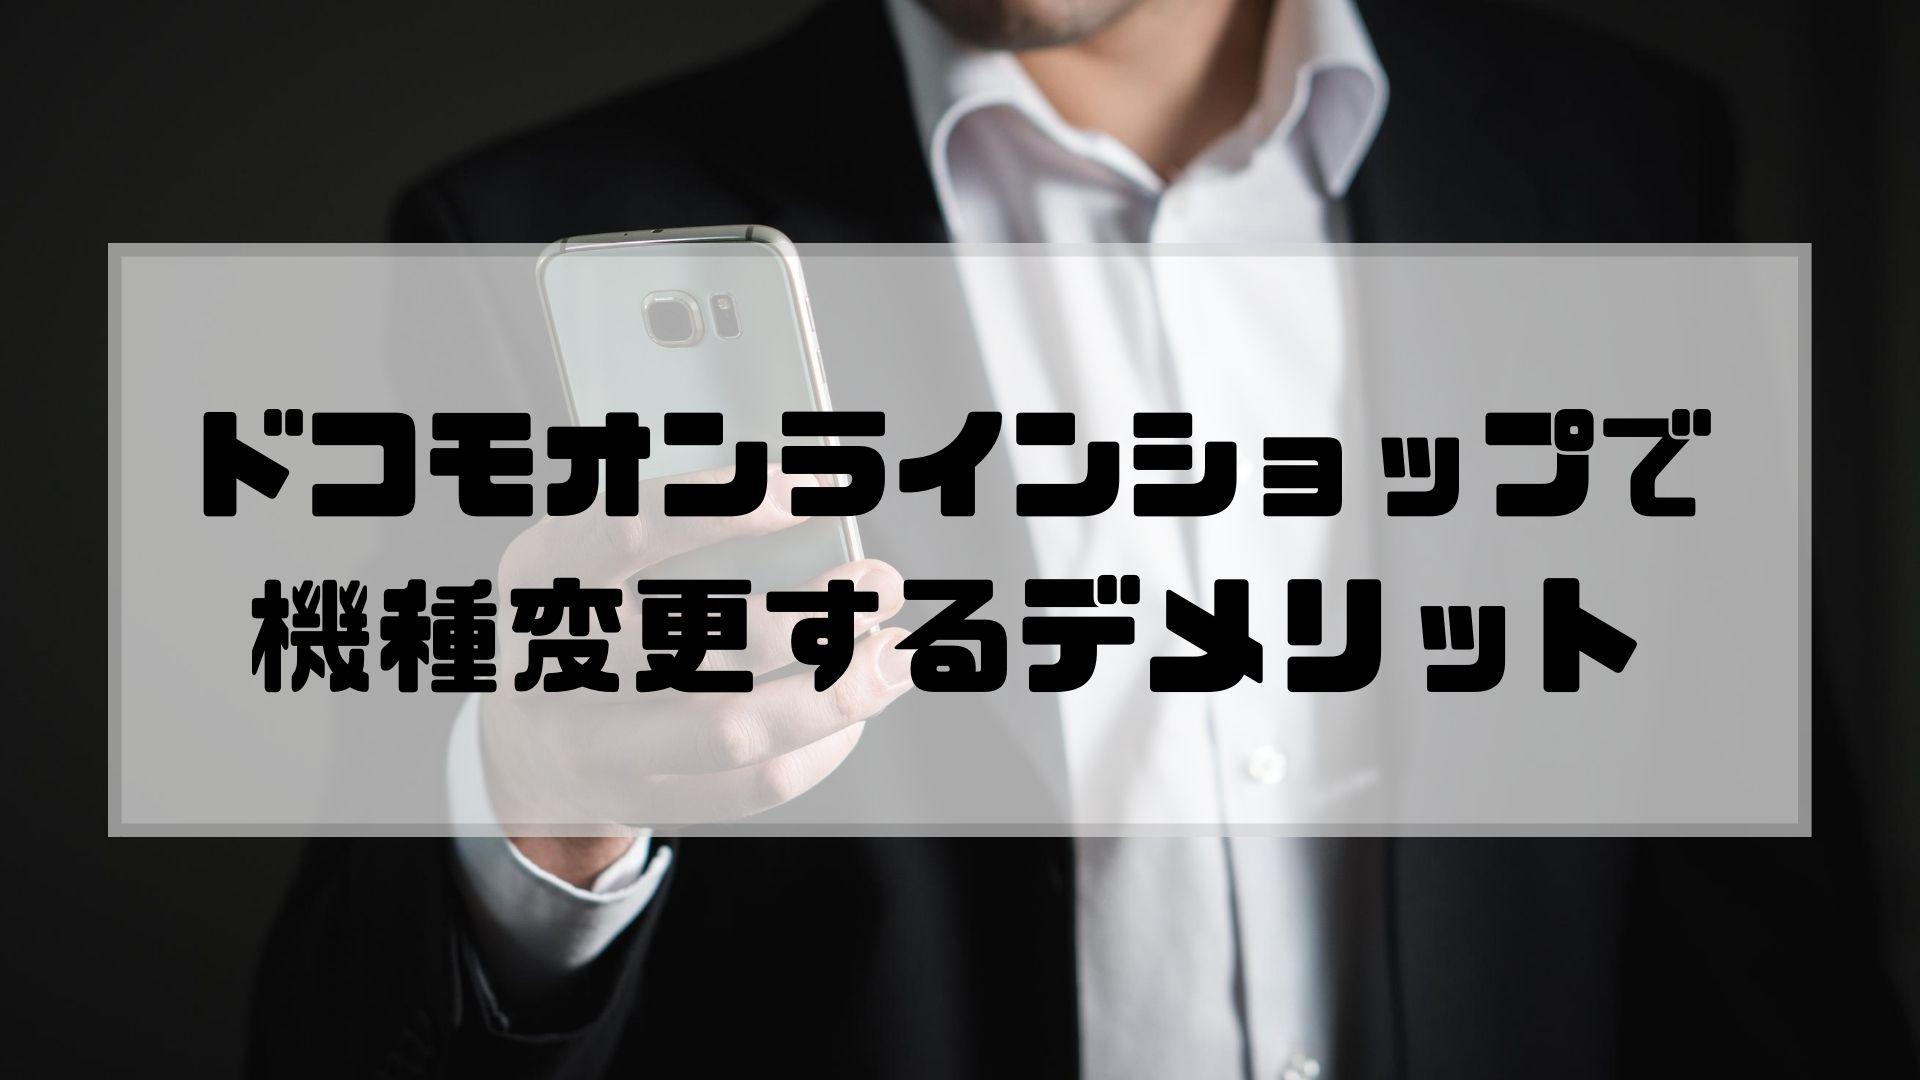 ドコモオンラインショップ_機種変更_流れ_デメリット